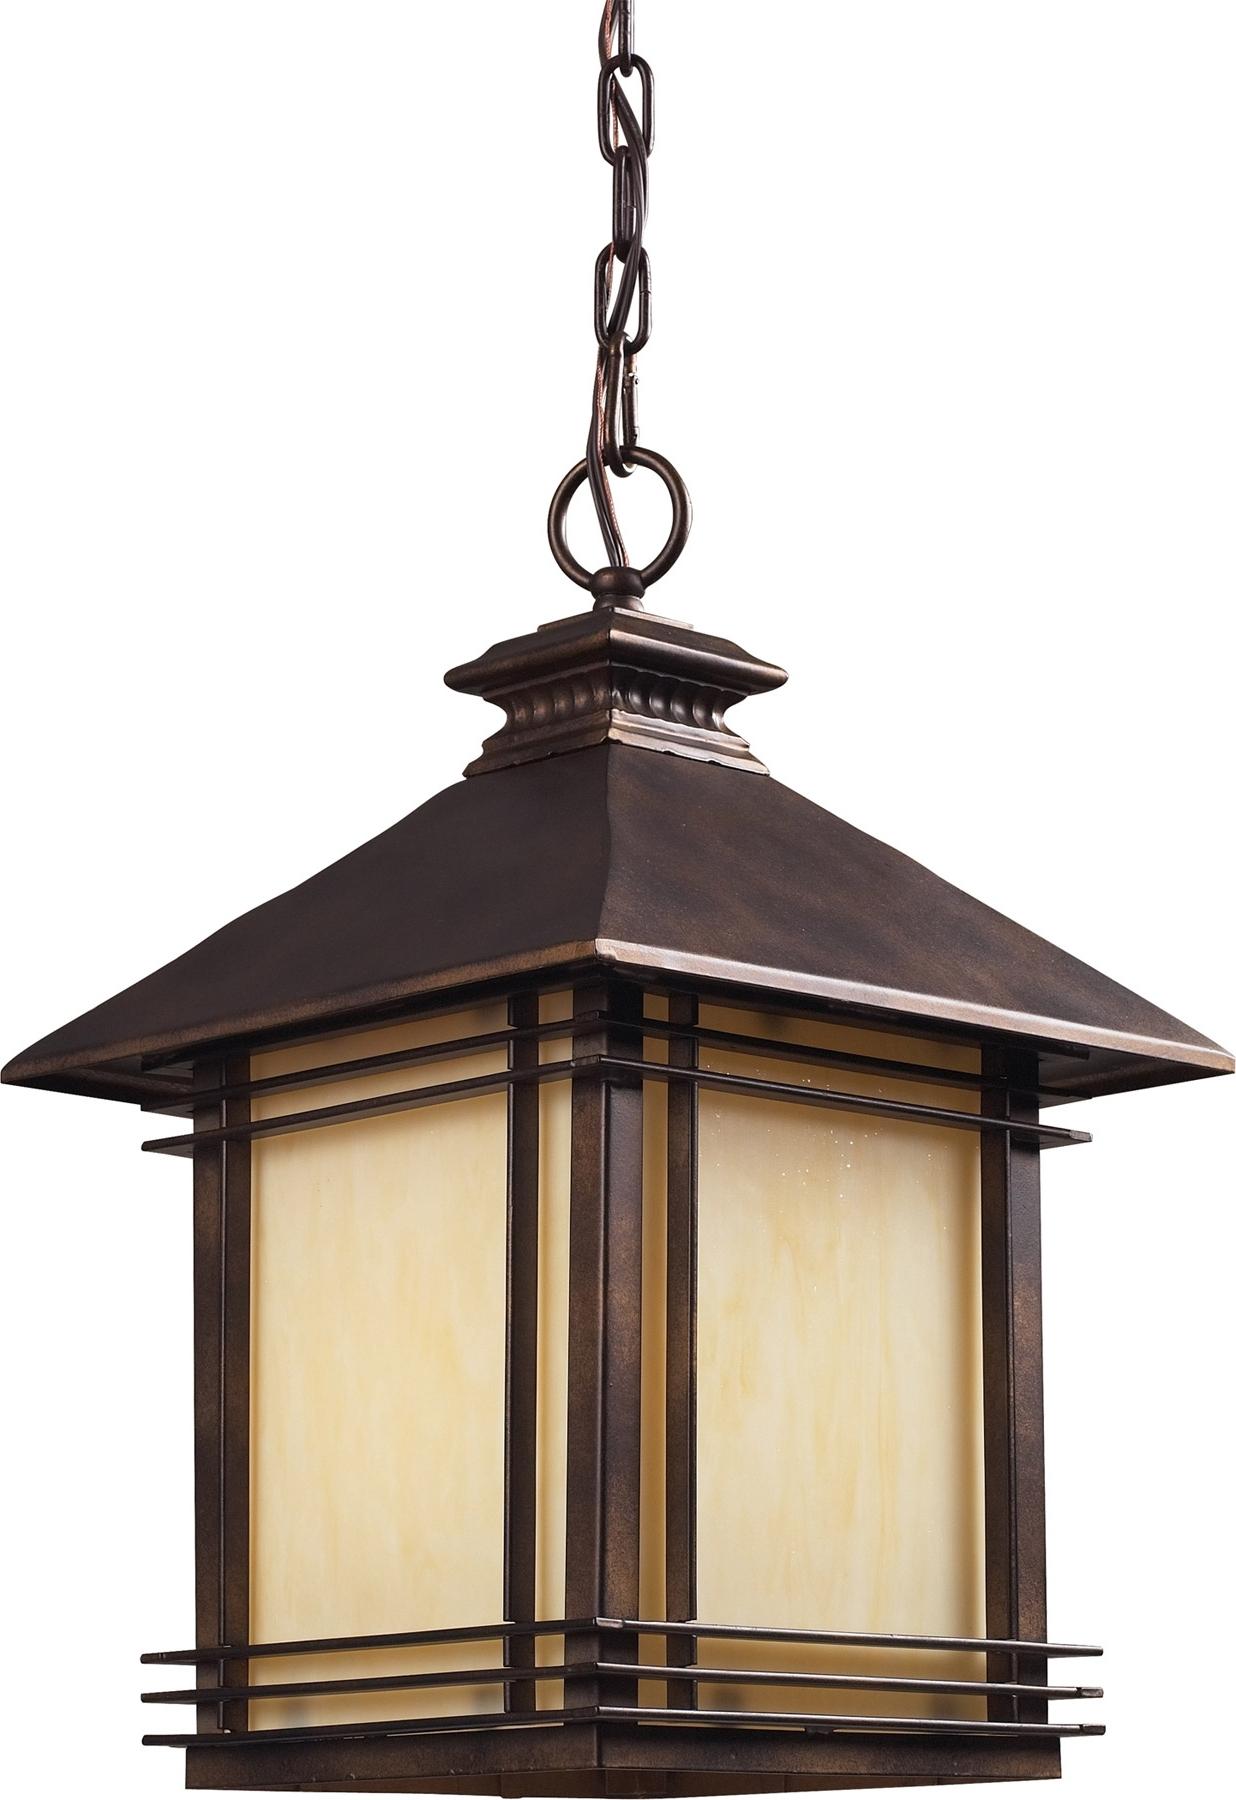 Recent Lighting 42103/1 Blackwell Outdoor Hanging Lantern Inside Outdoor Hanging Lantern Lights (View 7 of 20)